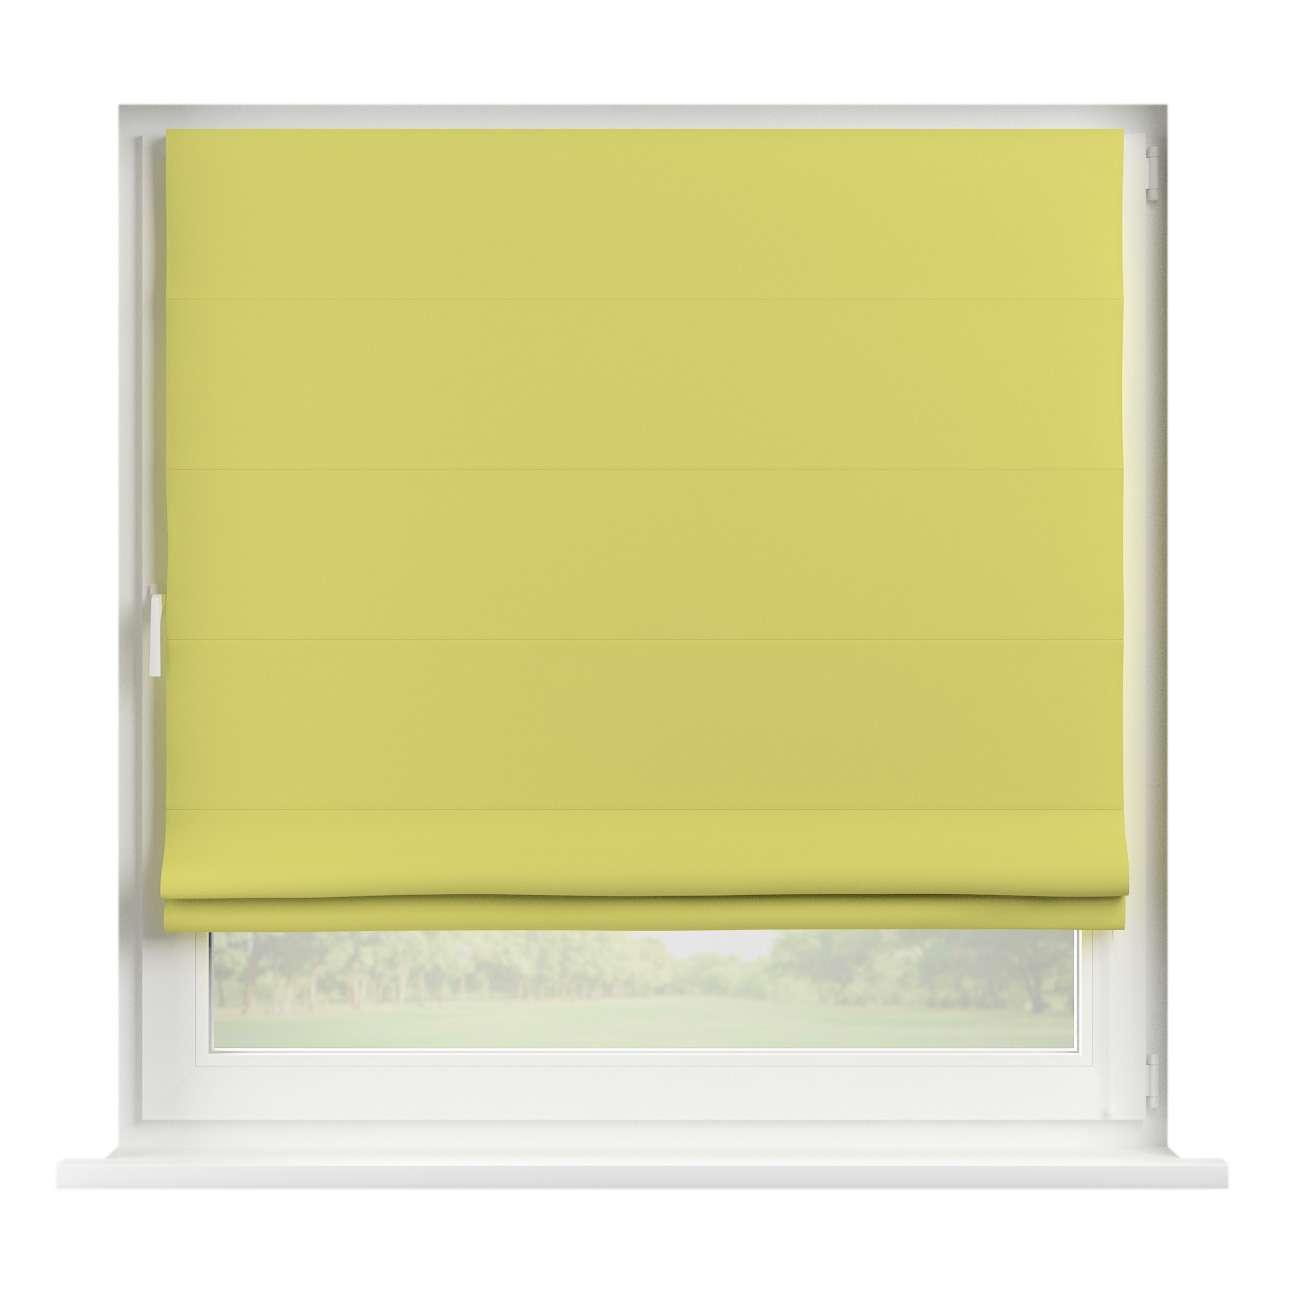 Foldegardiner mørklægning 80 x 170 cm fra kollektionen Blackout (mørklægning), Stof: 269-17